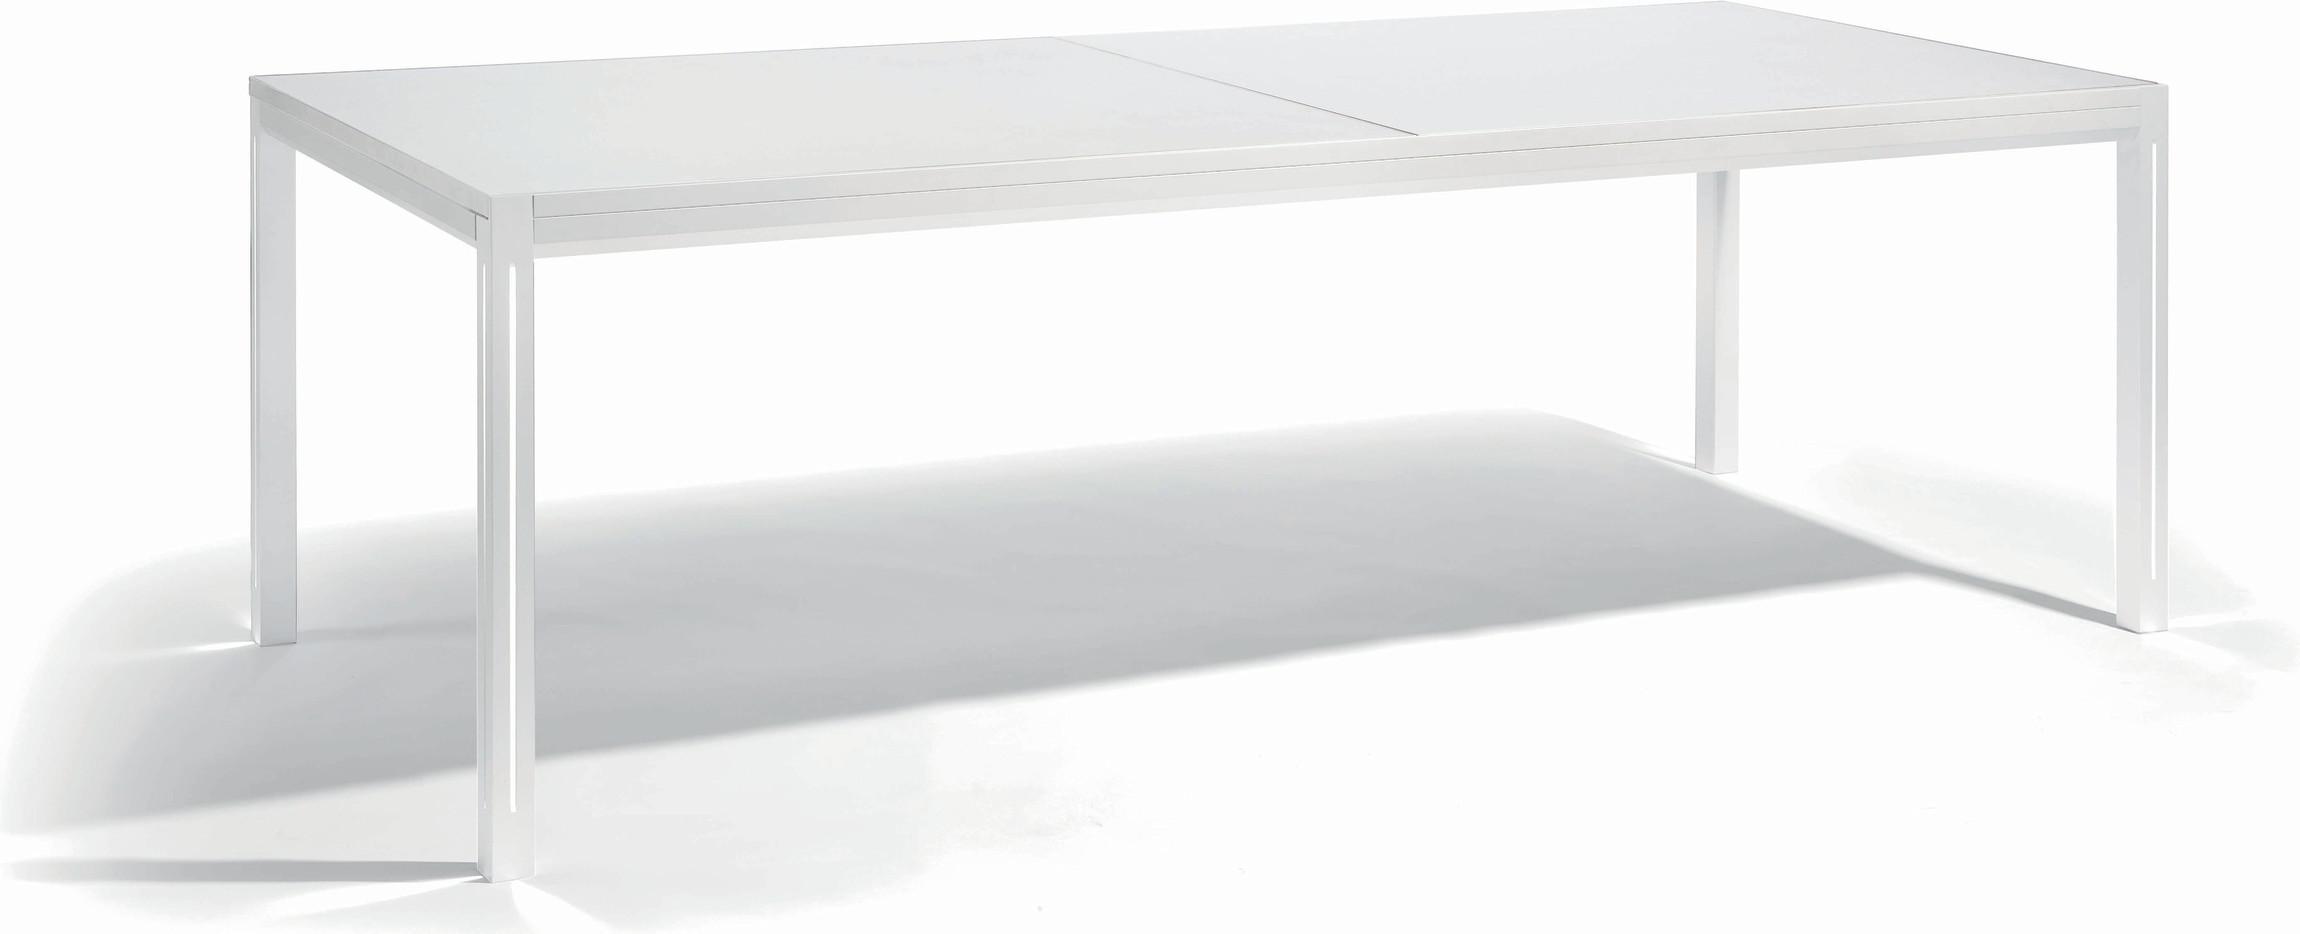 Table à manger Luna - blanc - GLW 360 - LED